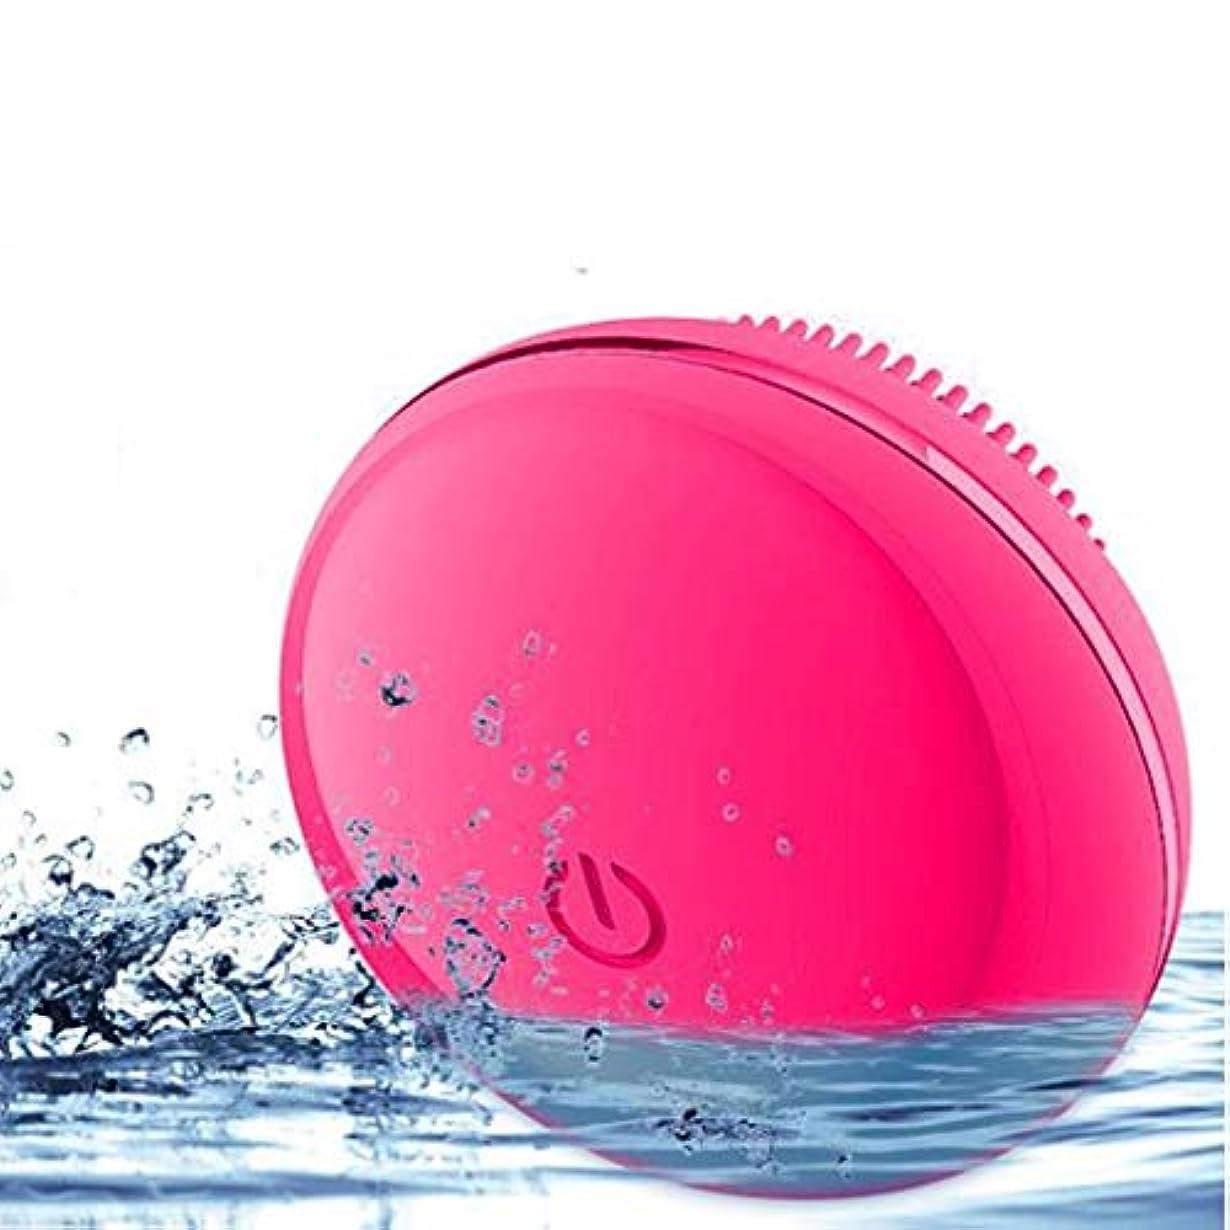 カバー今豊かなソニックバイブレーションフェイシャルクレンジングブラシ、電動ポータブルディープクレンジングブラシポアクリーナーは、しわ美容ツールを減らして肌を若返らせます (Color : Red)